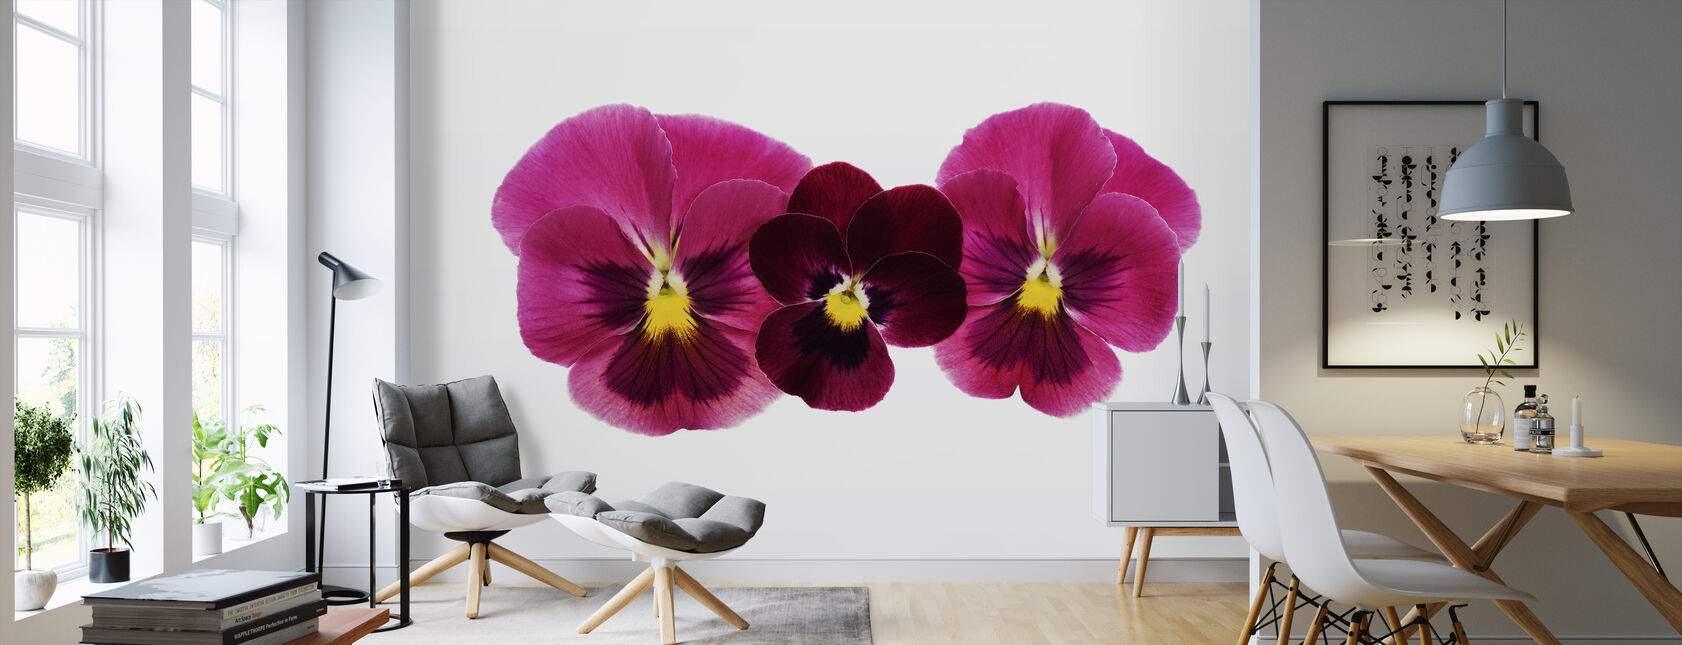 Pansies - Wallpaper - Living Room